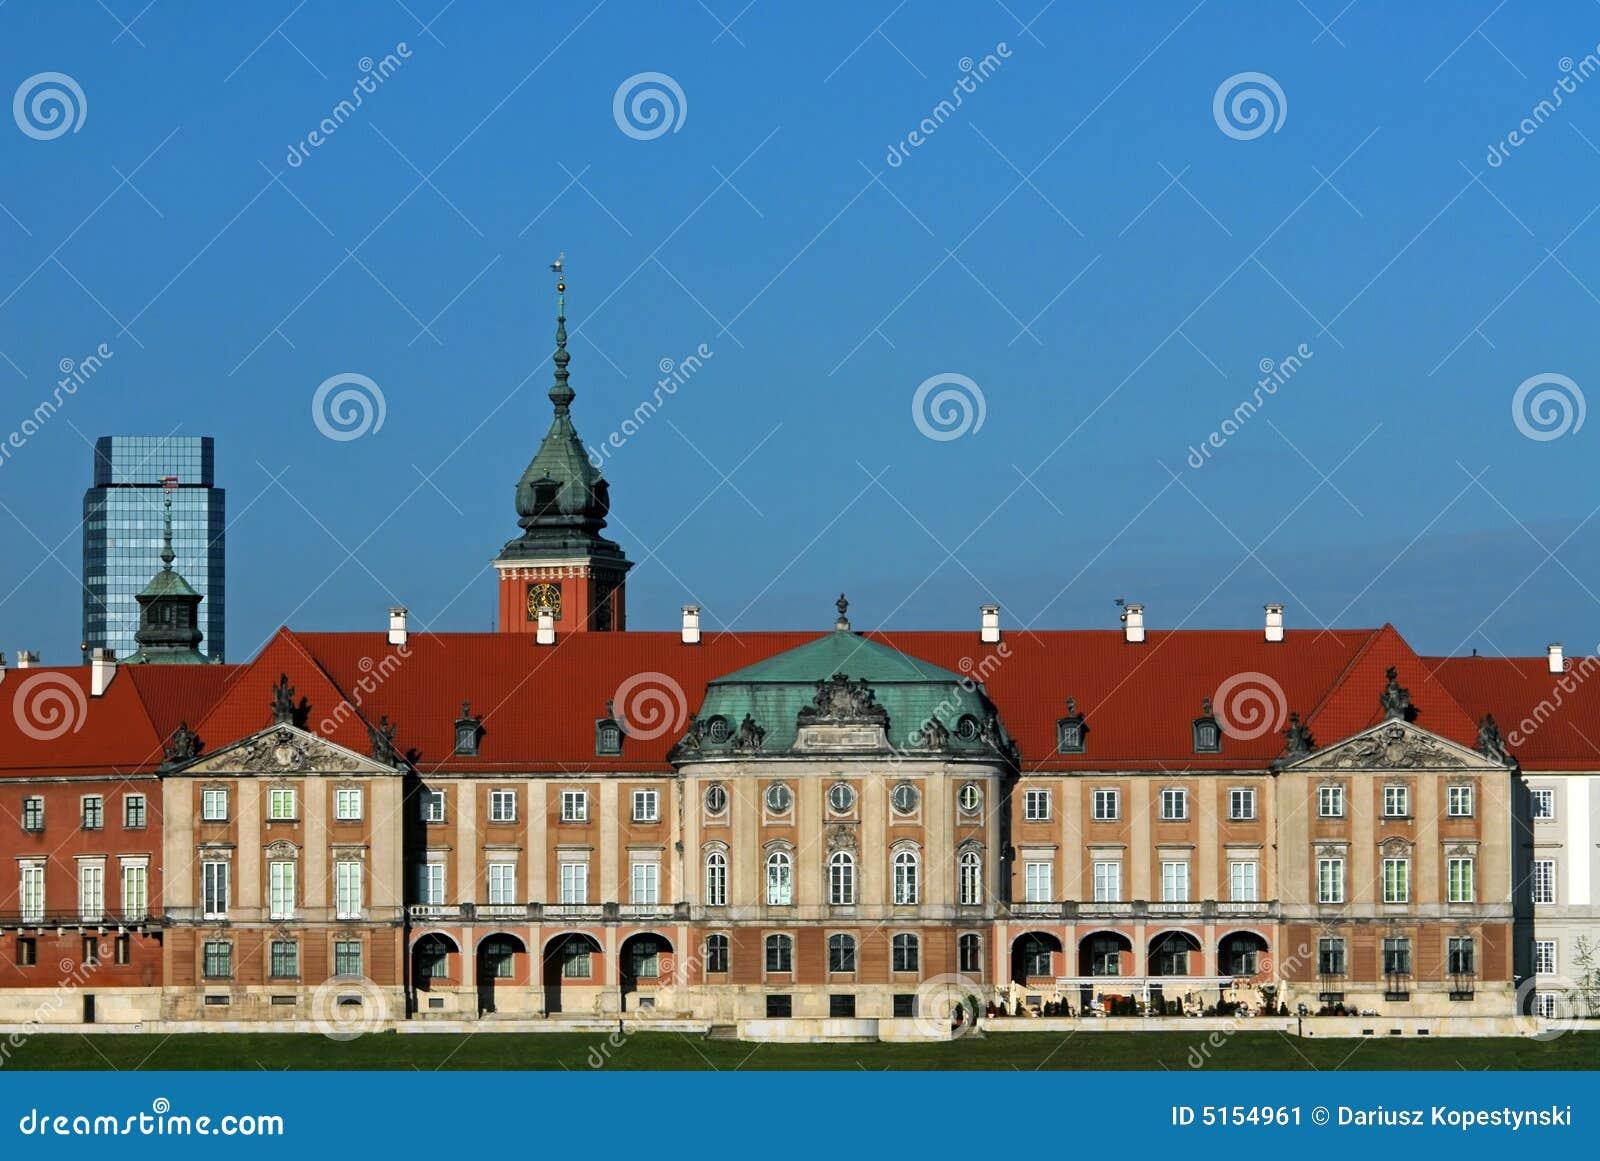 Palácio real em Varsóvia